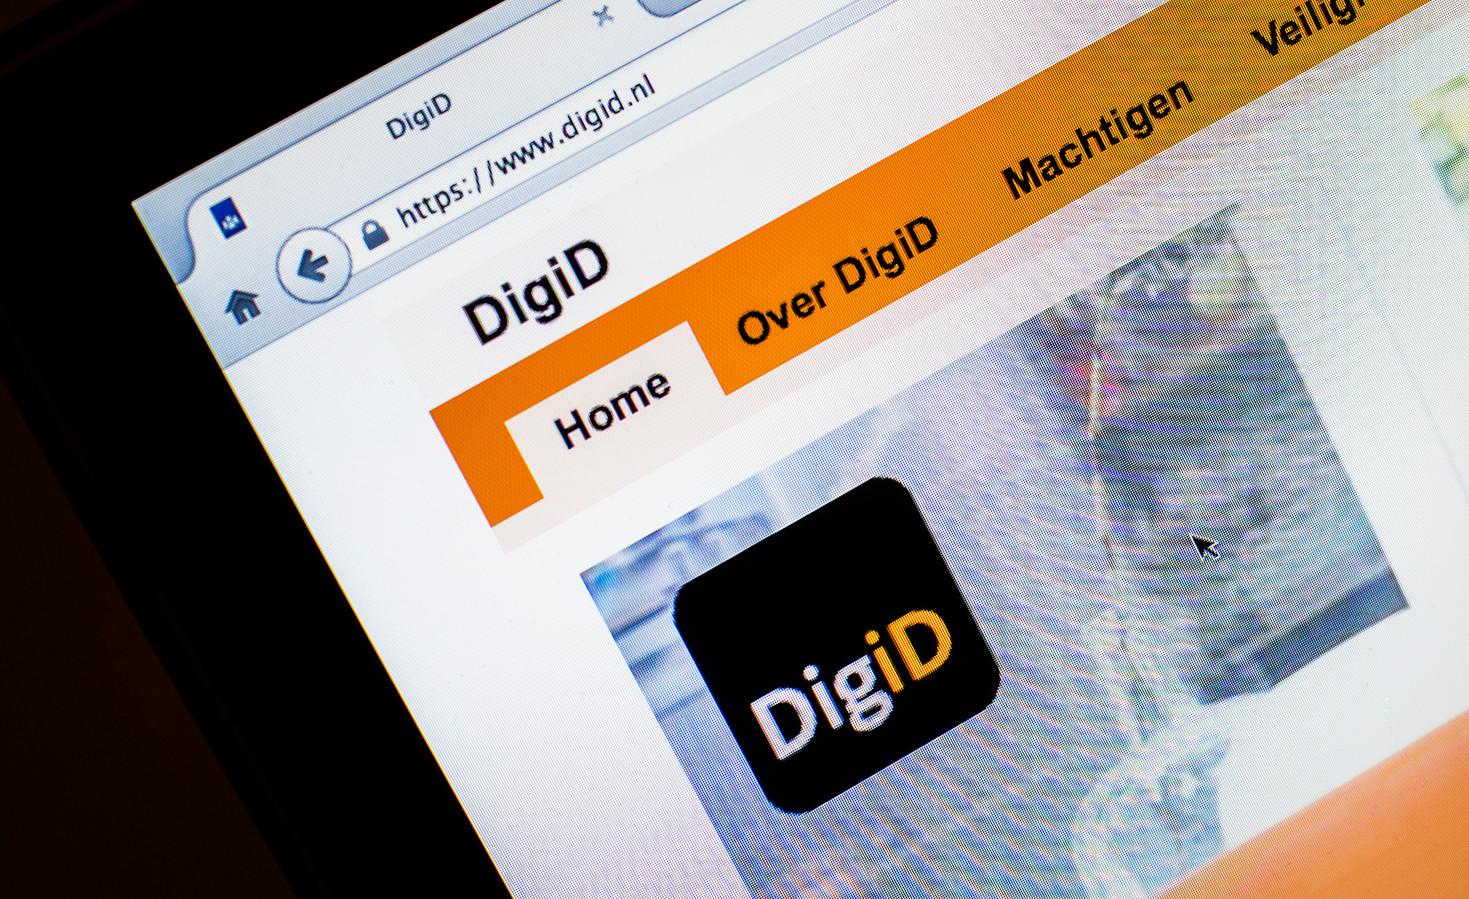 De website van DigiD. Ofwel je digitale identiteitsbewijs.